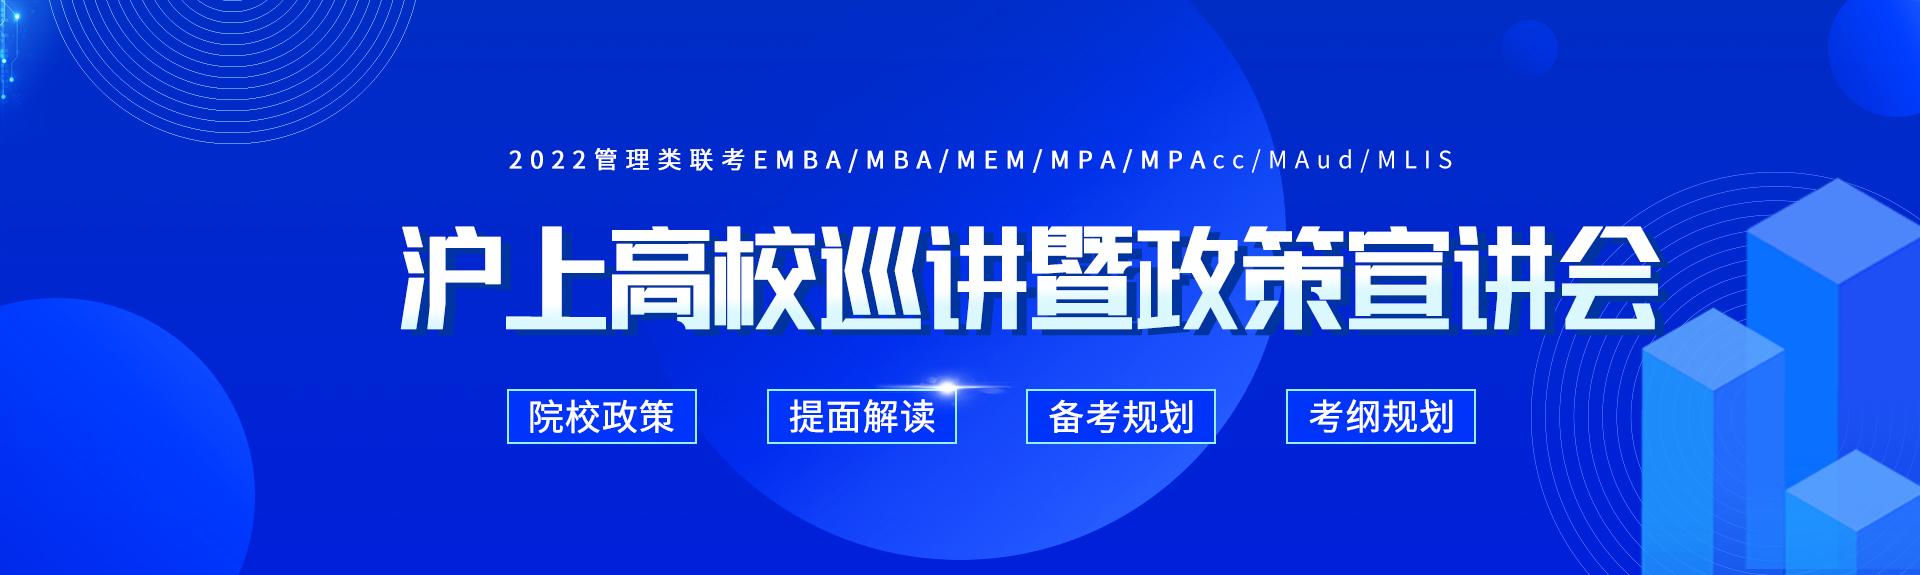 2022沪上名校巡讲暨政策说明会